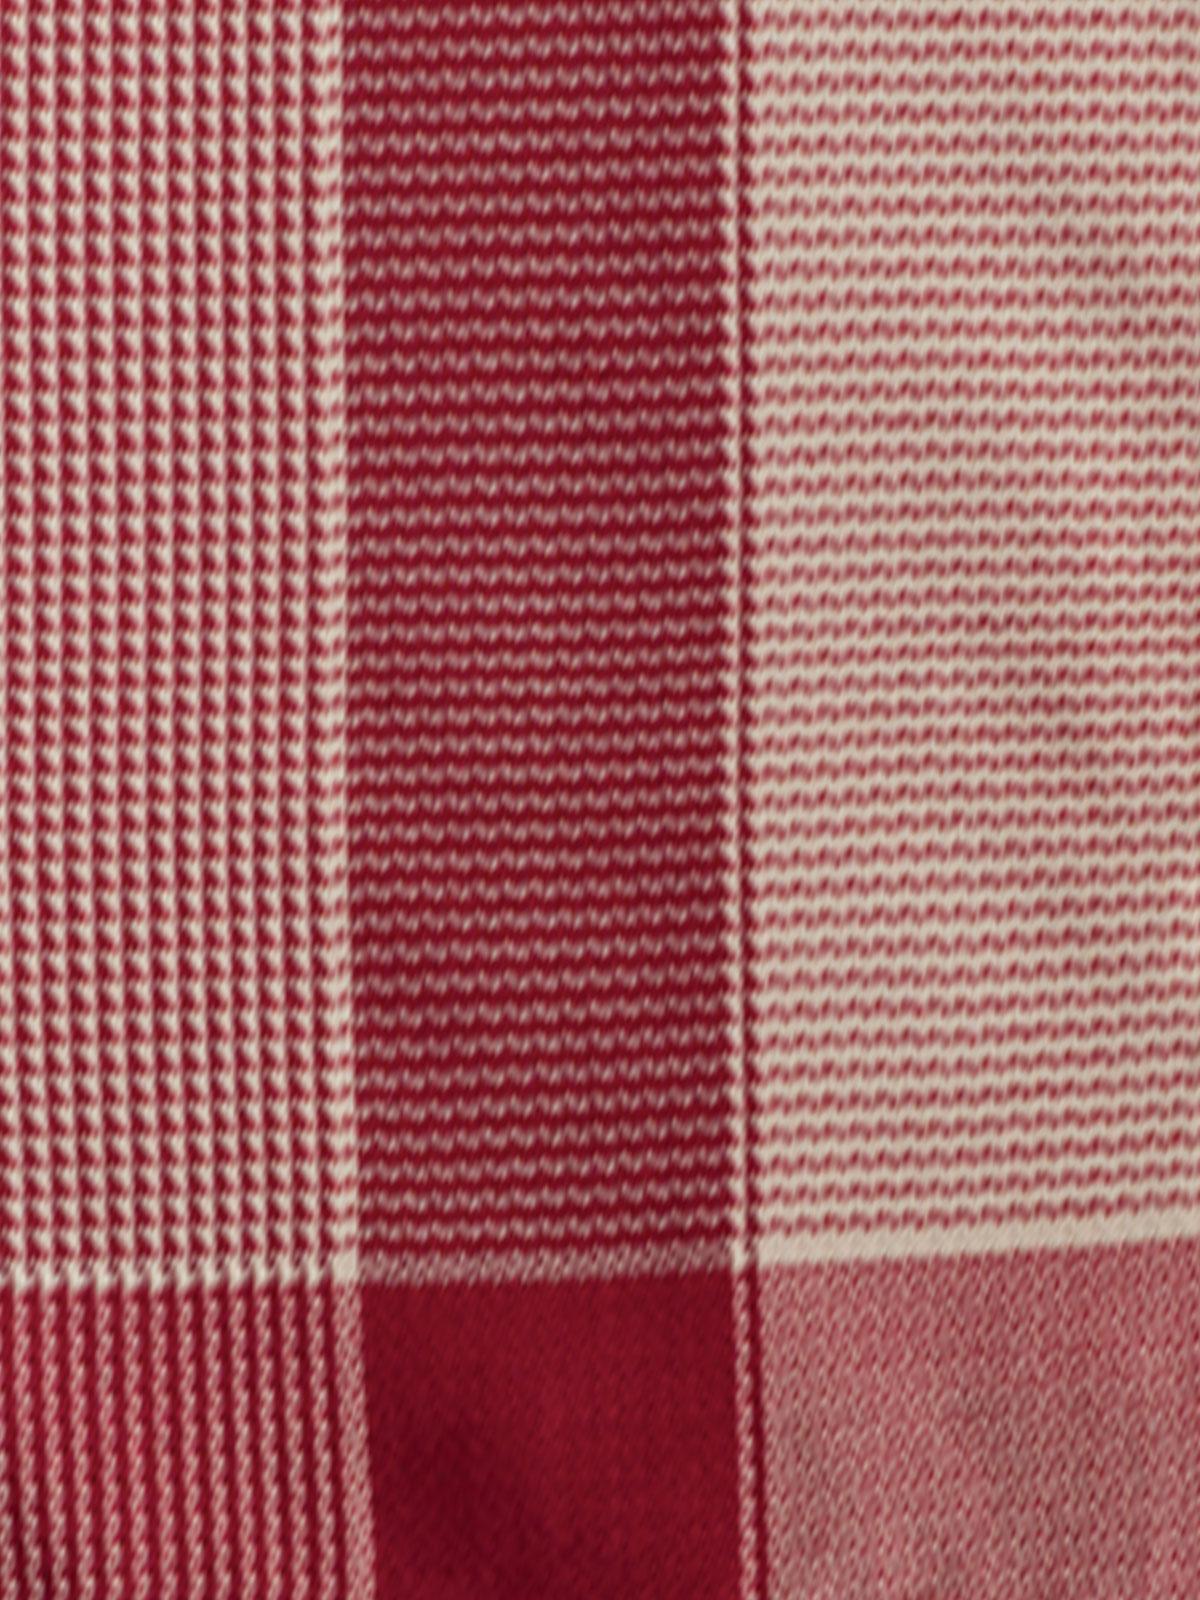 Heritage Plaid Tablecloth